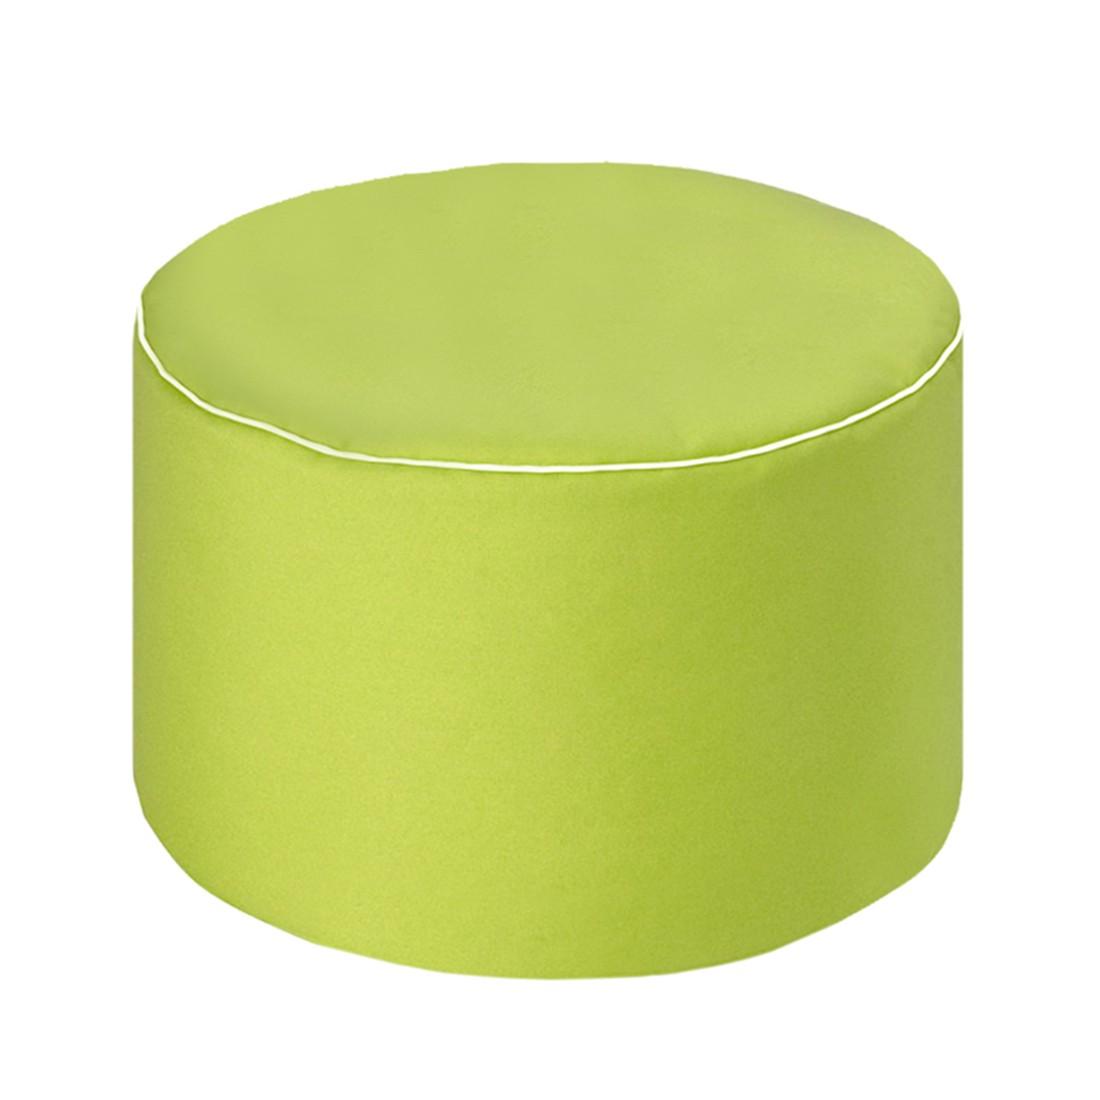 goedkoop Poef Scuba dot com groen SITTING POINT